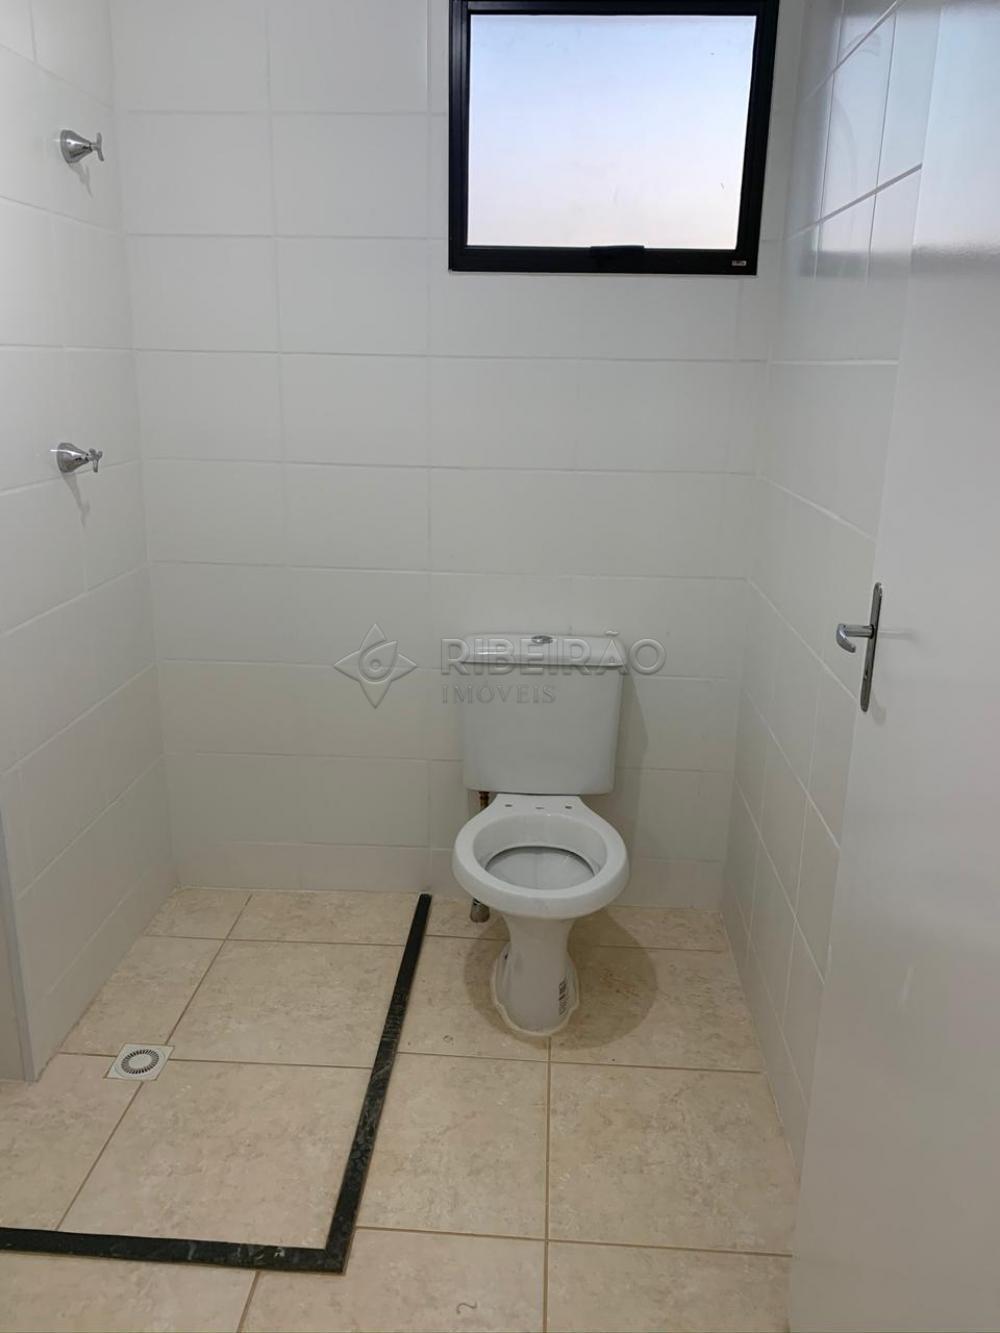 Alugar Apartamento / Padrão em Bonfim Paulista apenas R$ 600,00 - Foto 9